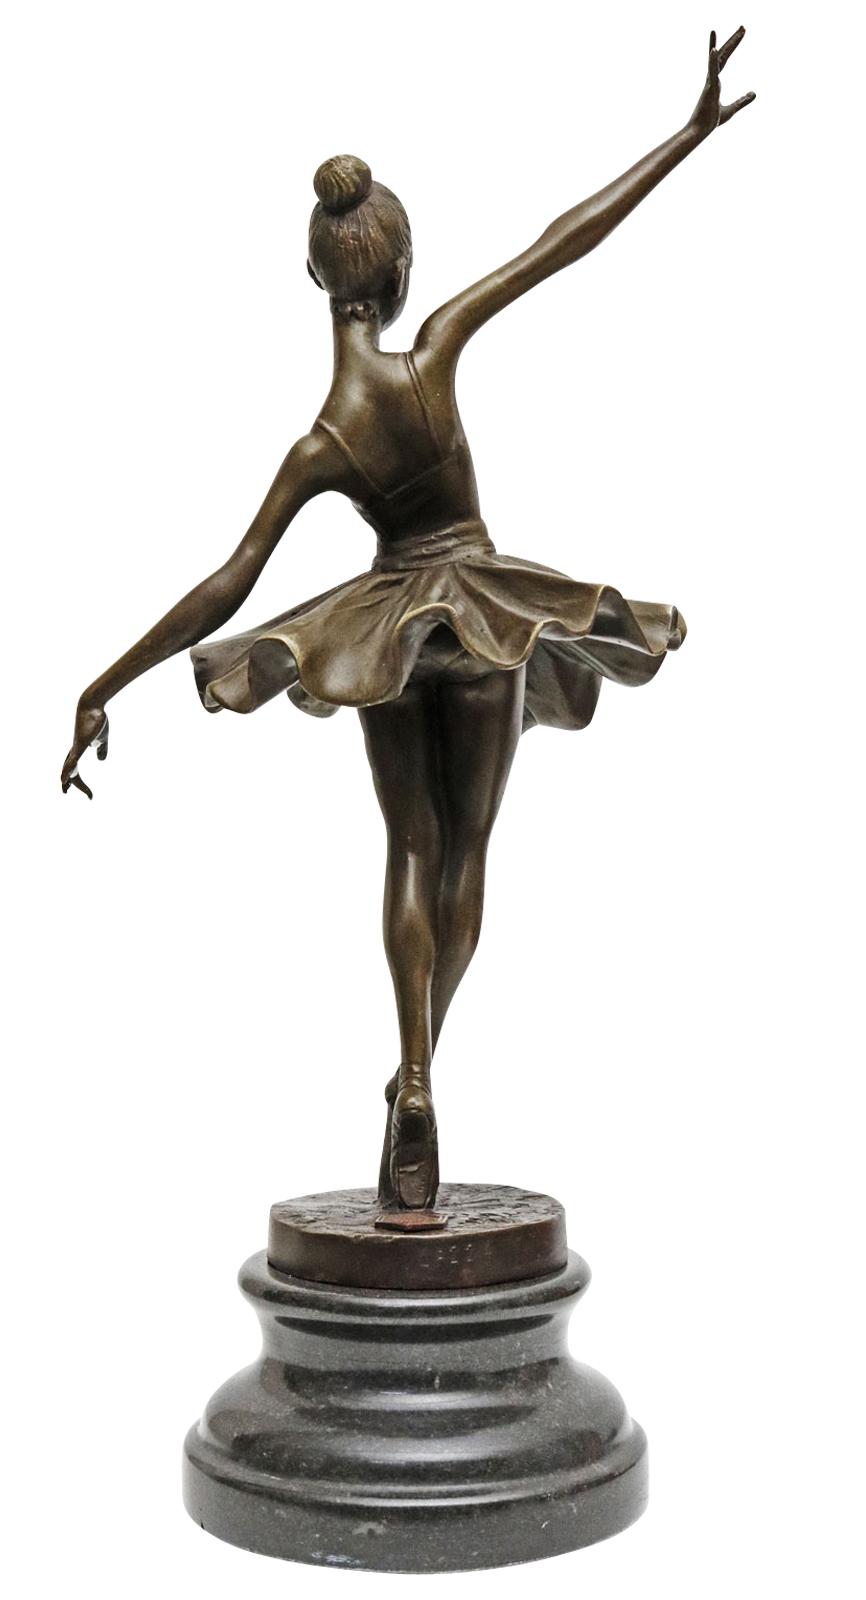 Bronzeskulptur Tänzerin Ballerina nach Degas Ballet Bronze Figur Replika a Antyki i Sztuka